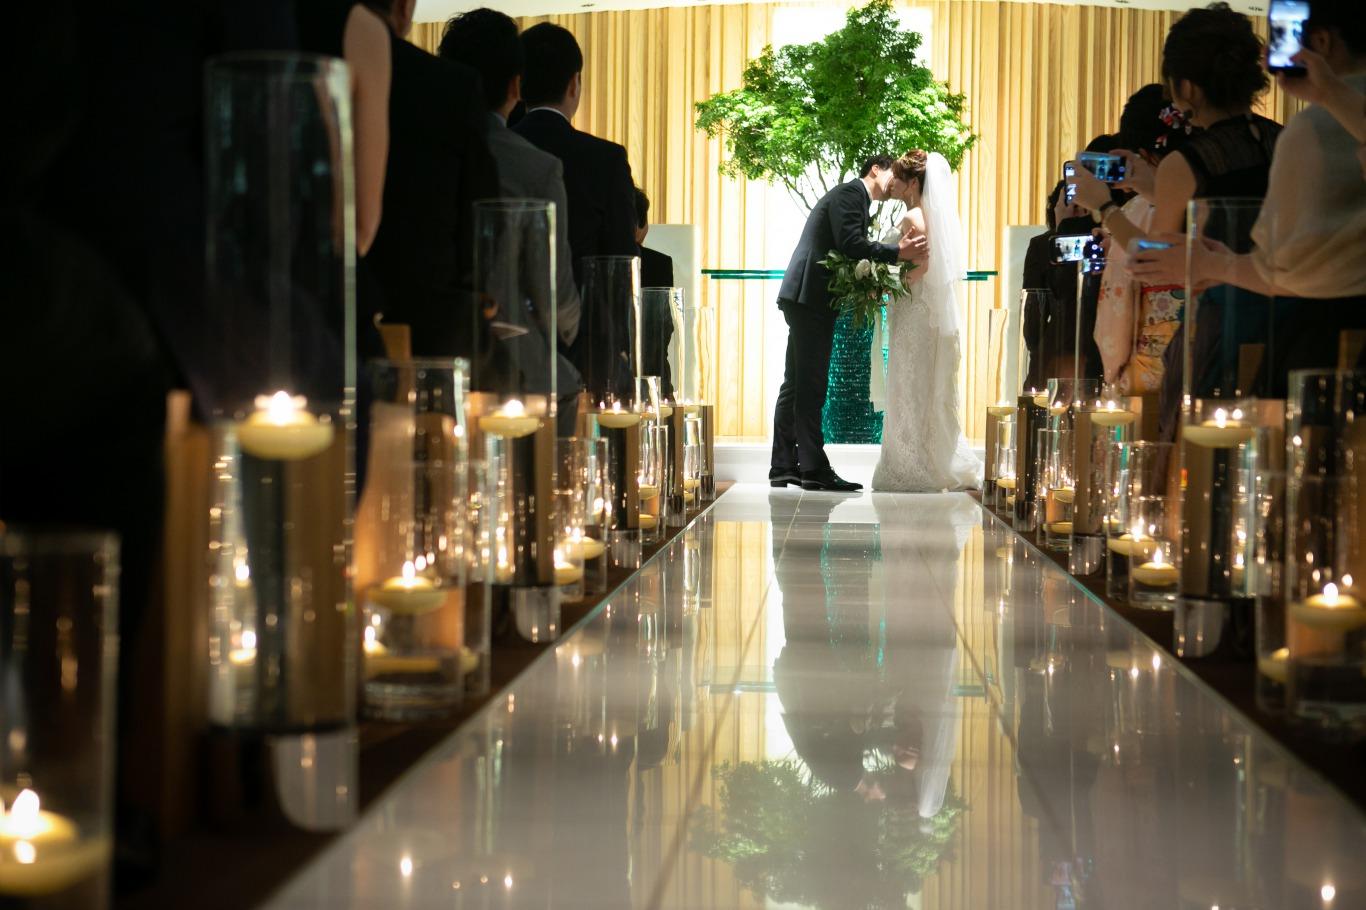 唯一無二のデザインのウェディングドレスで結婚式を迎えられたご新婦様